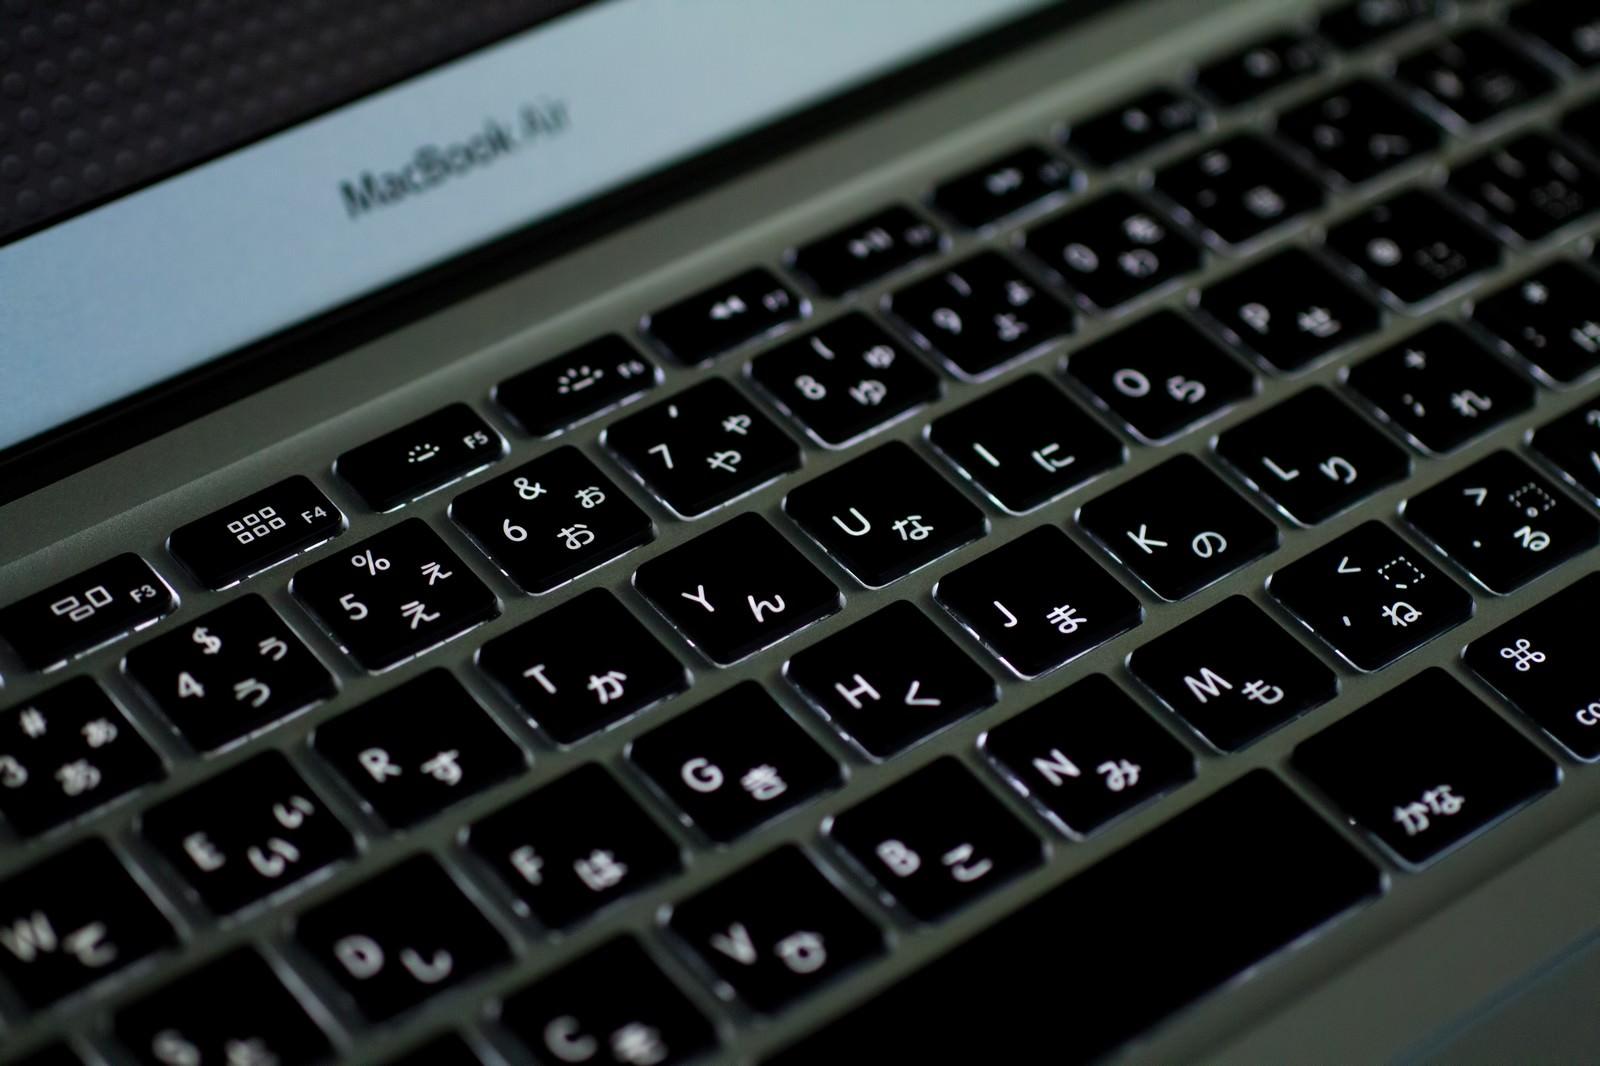 「暗がりで光るMBA(キーボード)」の写真